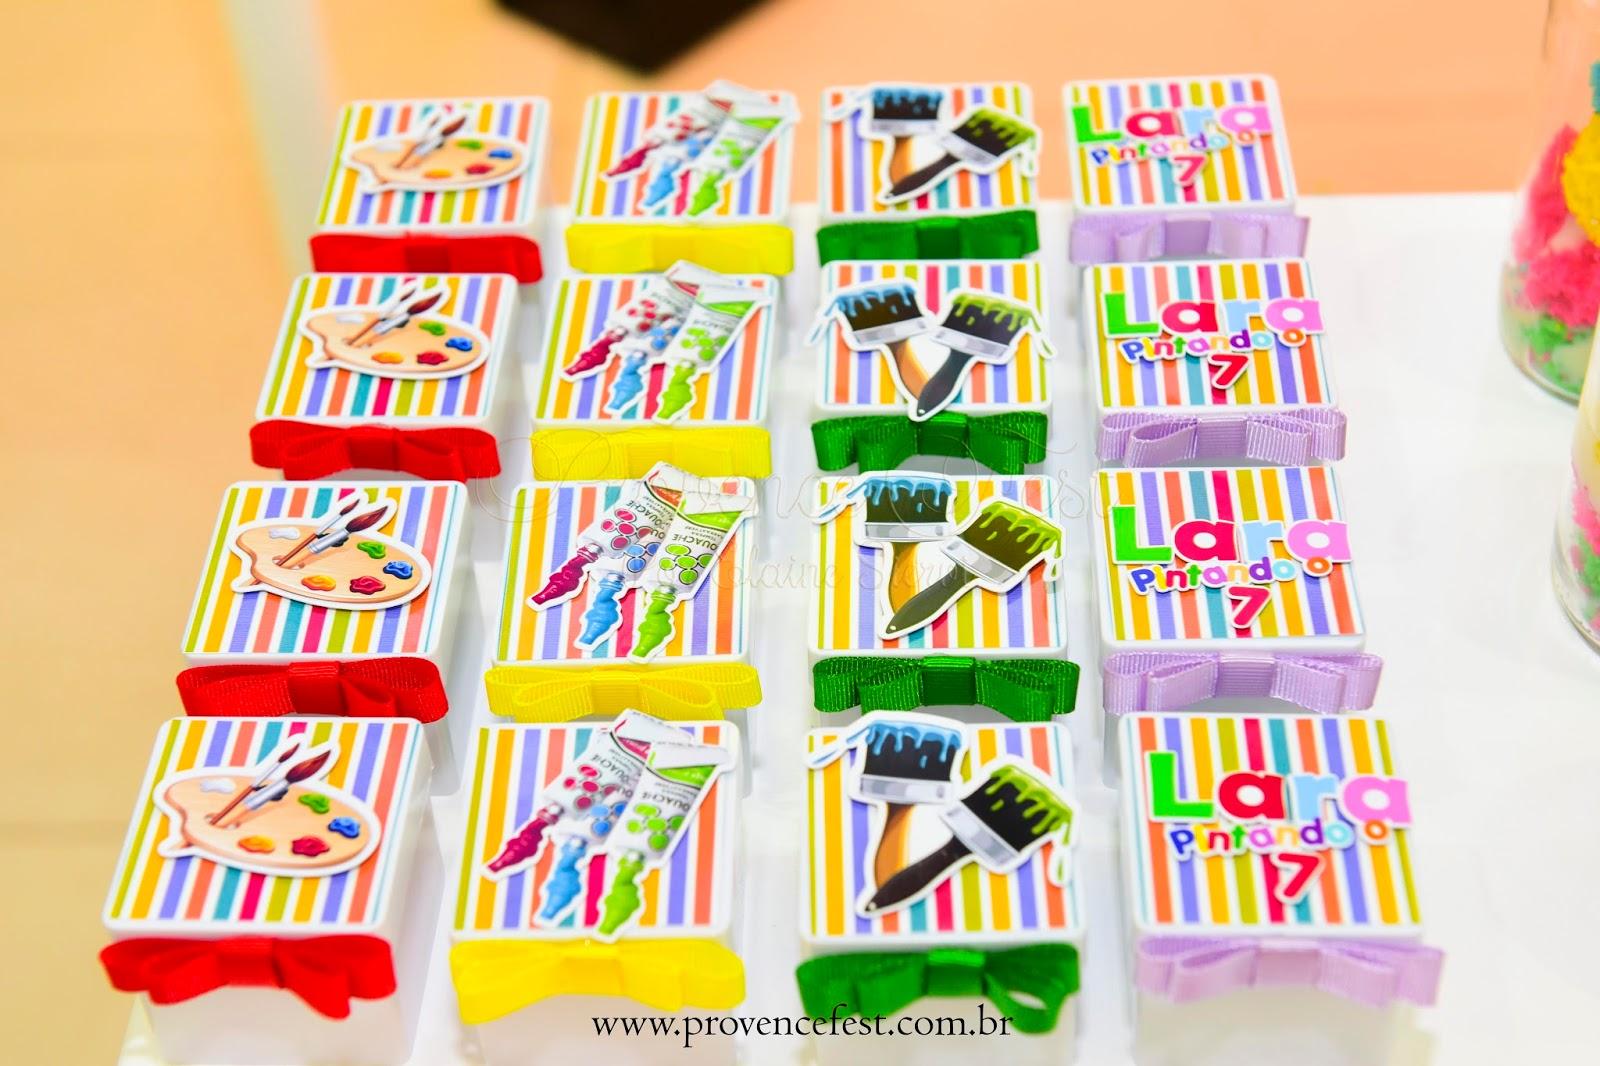 3.bp.blogspot.com/-QbD3rOSn3ec/Vaa0ufuxpgI/AAAAAAAALh0/AsKuL91HGNk/s1600/63.jpg